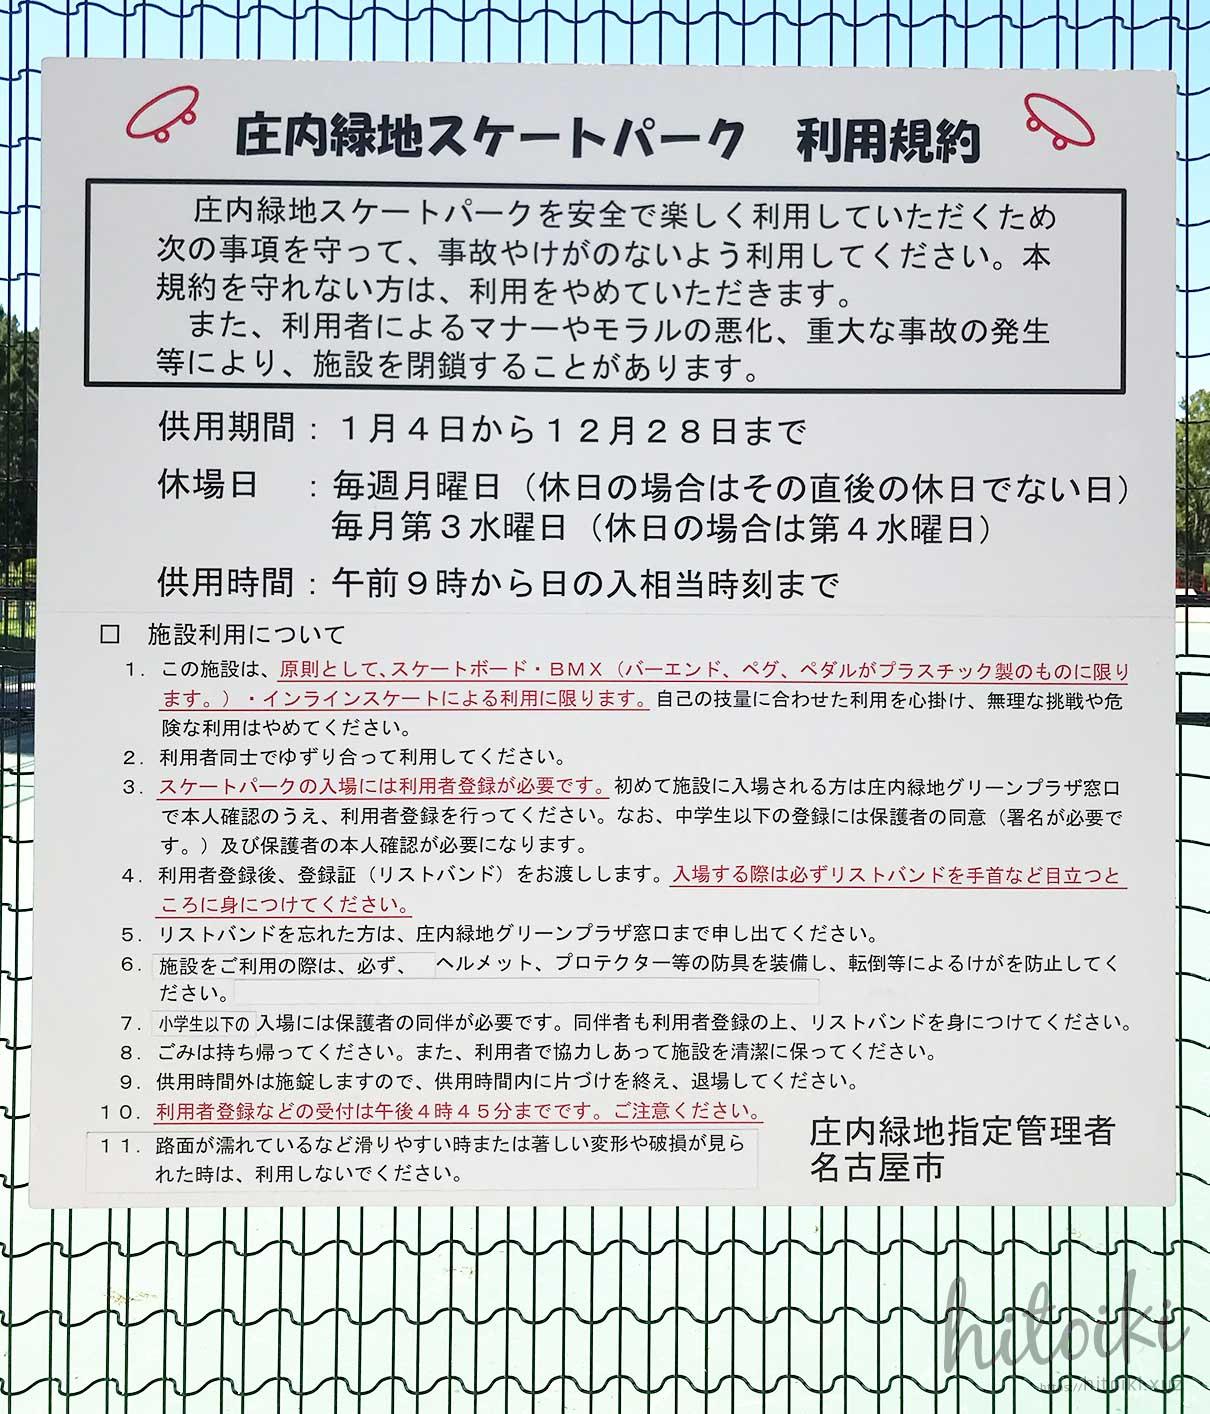 庄内緑地公園のスケートパークに行ってみた!ローカル色もなく、子どもや初心者でも安心してサーフスケートができる場所! shonai-ryokuchi_skatepark_img_3669